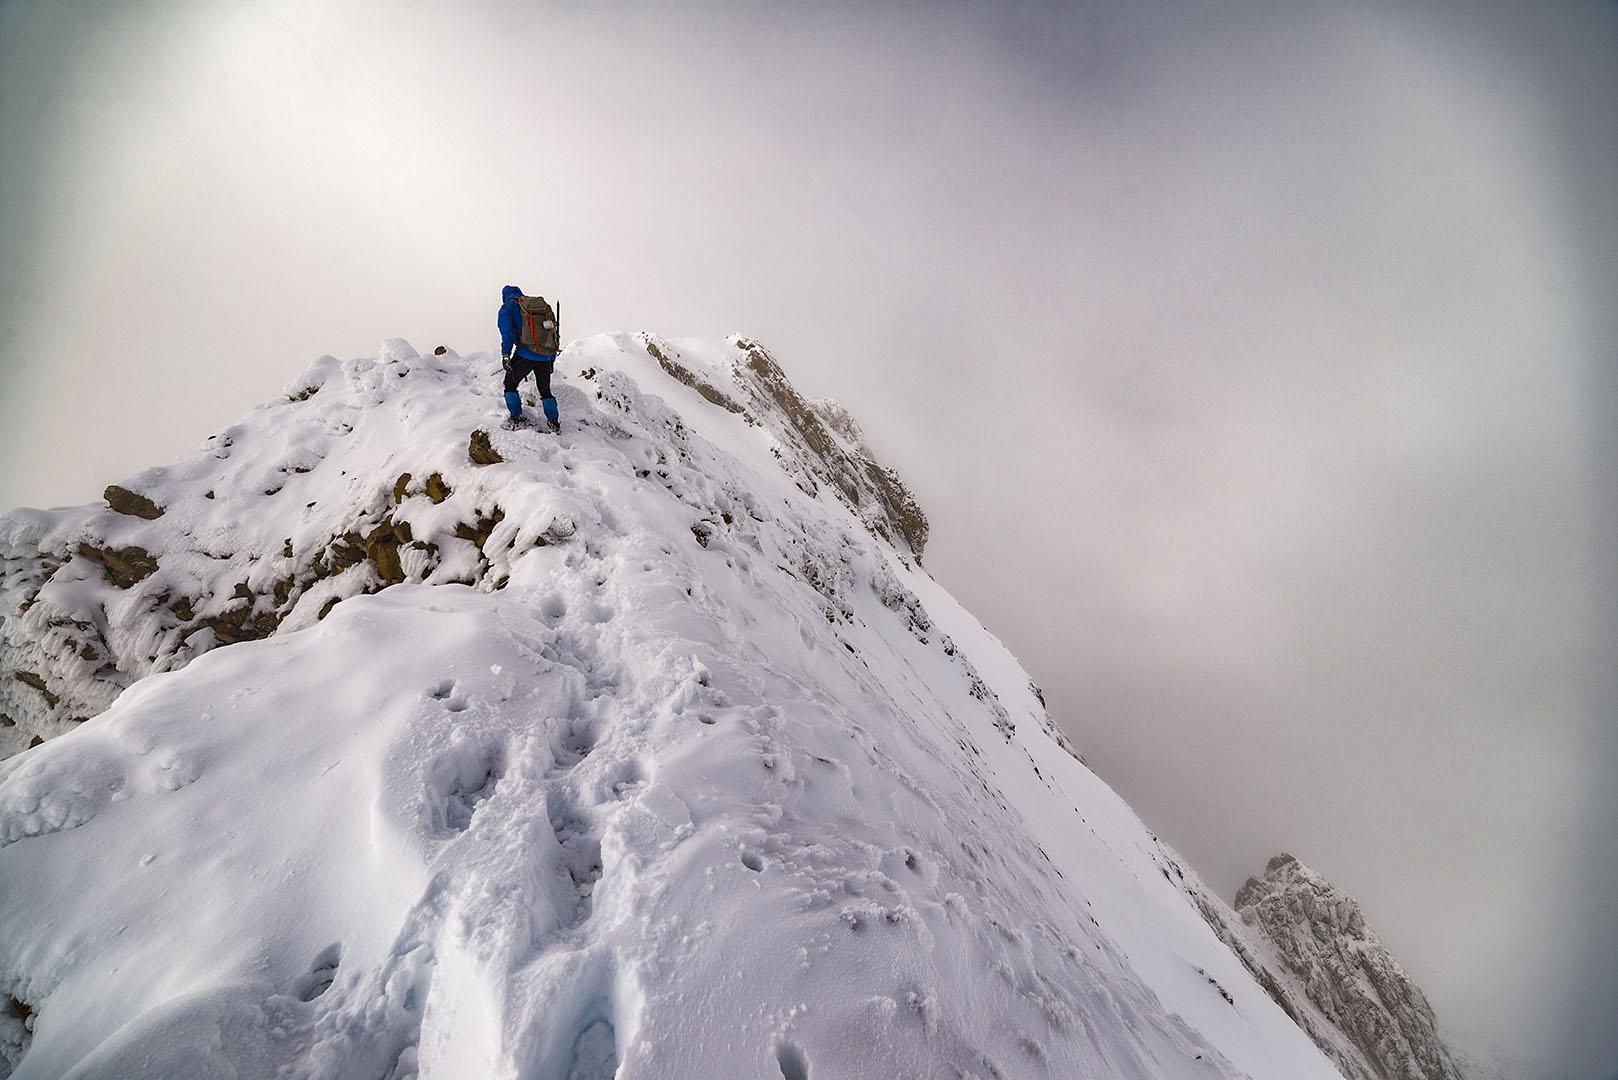 Hacia la cima, Tendeñera. - Deportes y aventuras - Iñaki Larrea, Fotografía de naturaleza y montaña